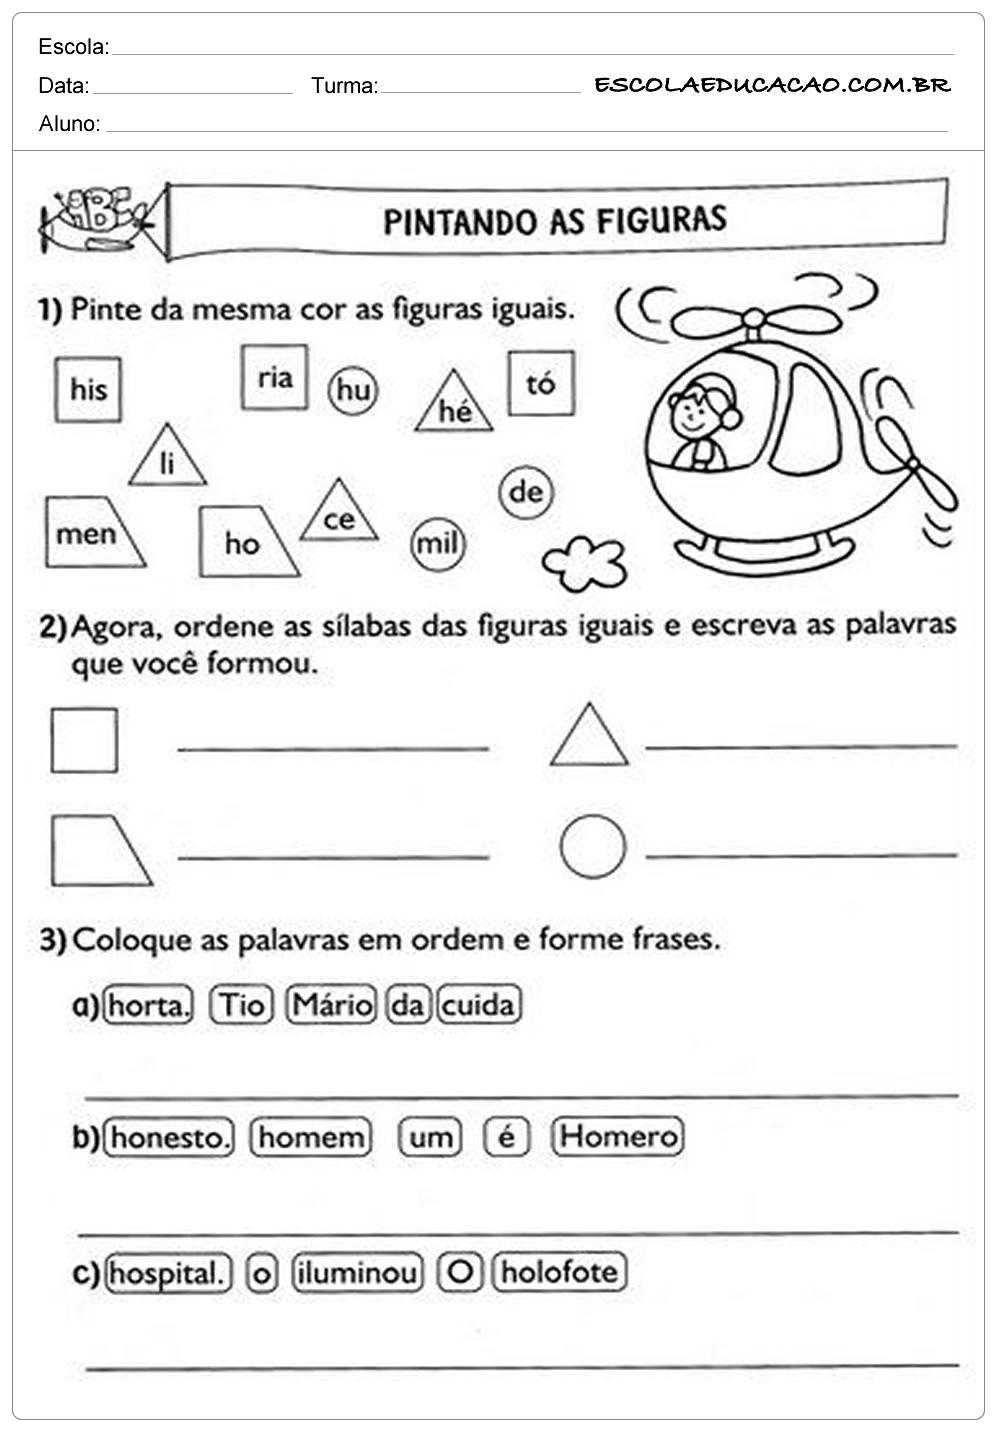 Atividades De Português 2º Ano Pintando As Figuras Escola Educação